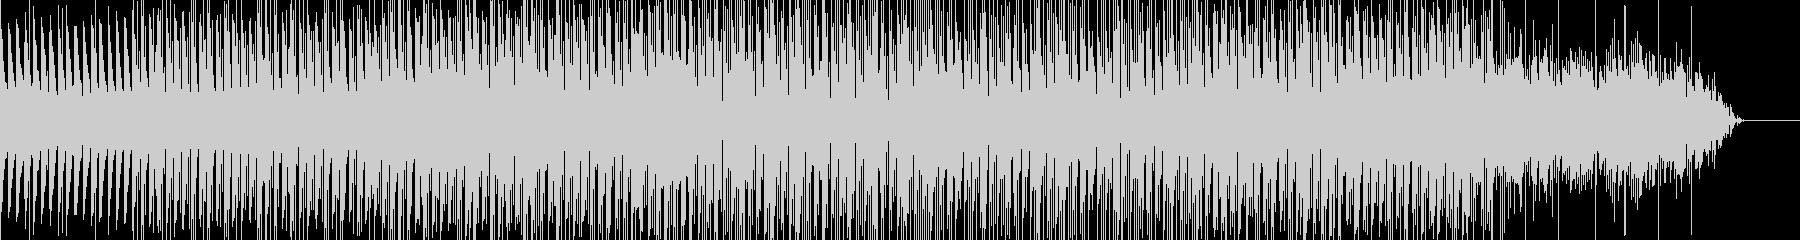 不思議なコード感のテクノの未再生の波形